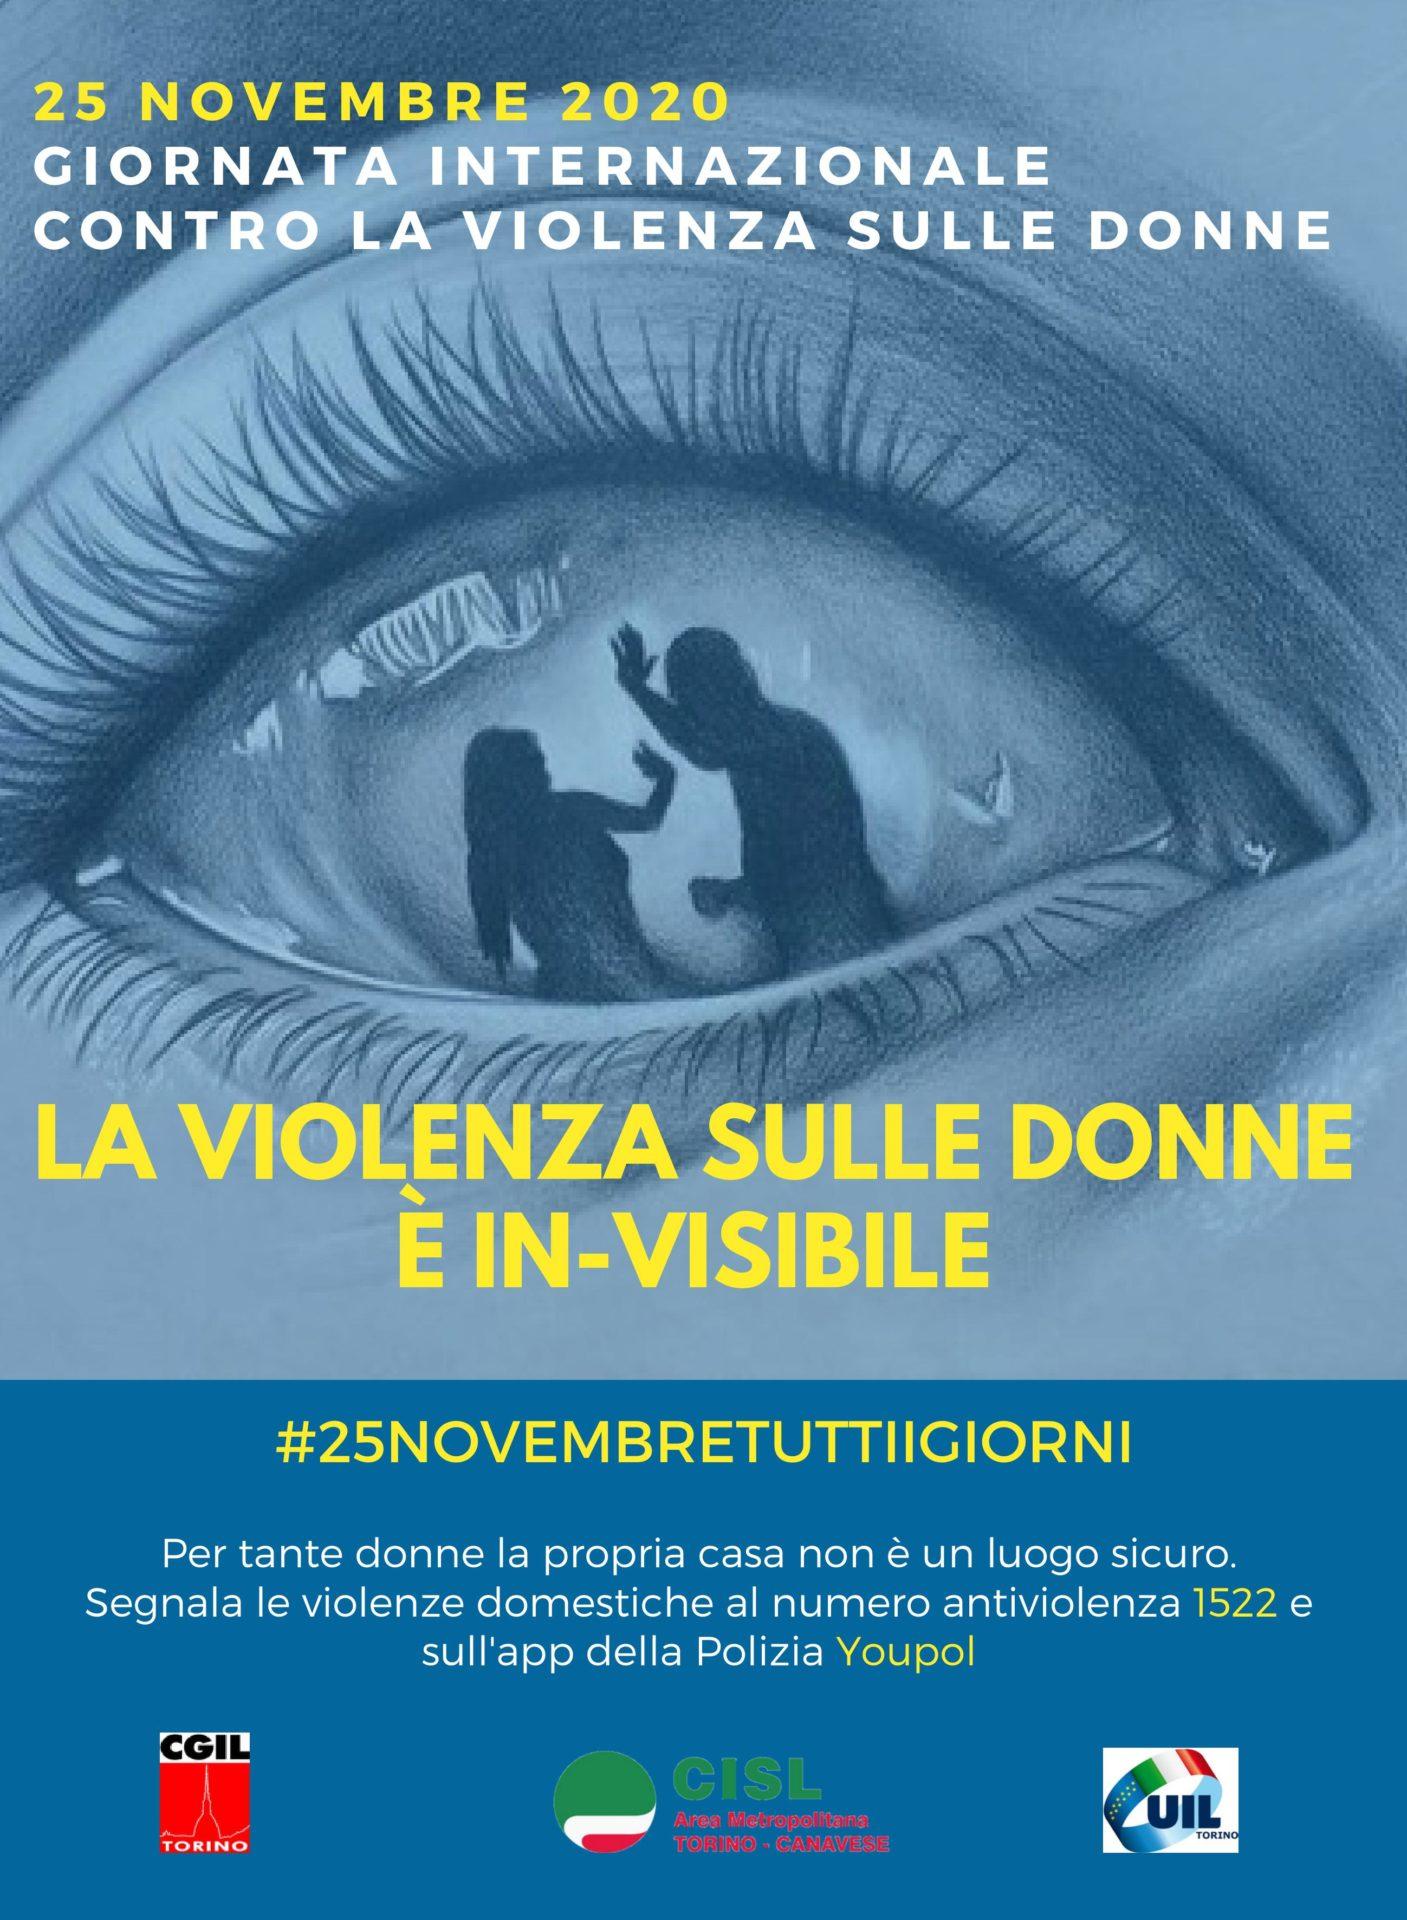 Manifesto_unitario_Torino - 25 novembre 2020